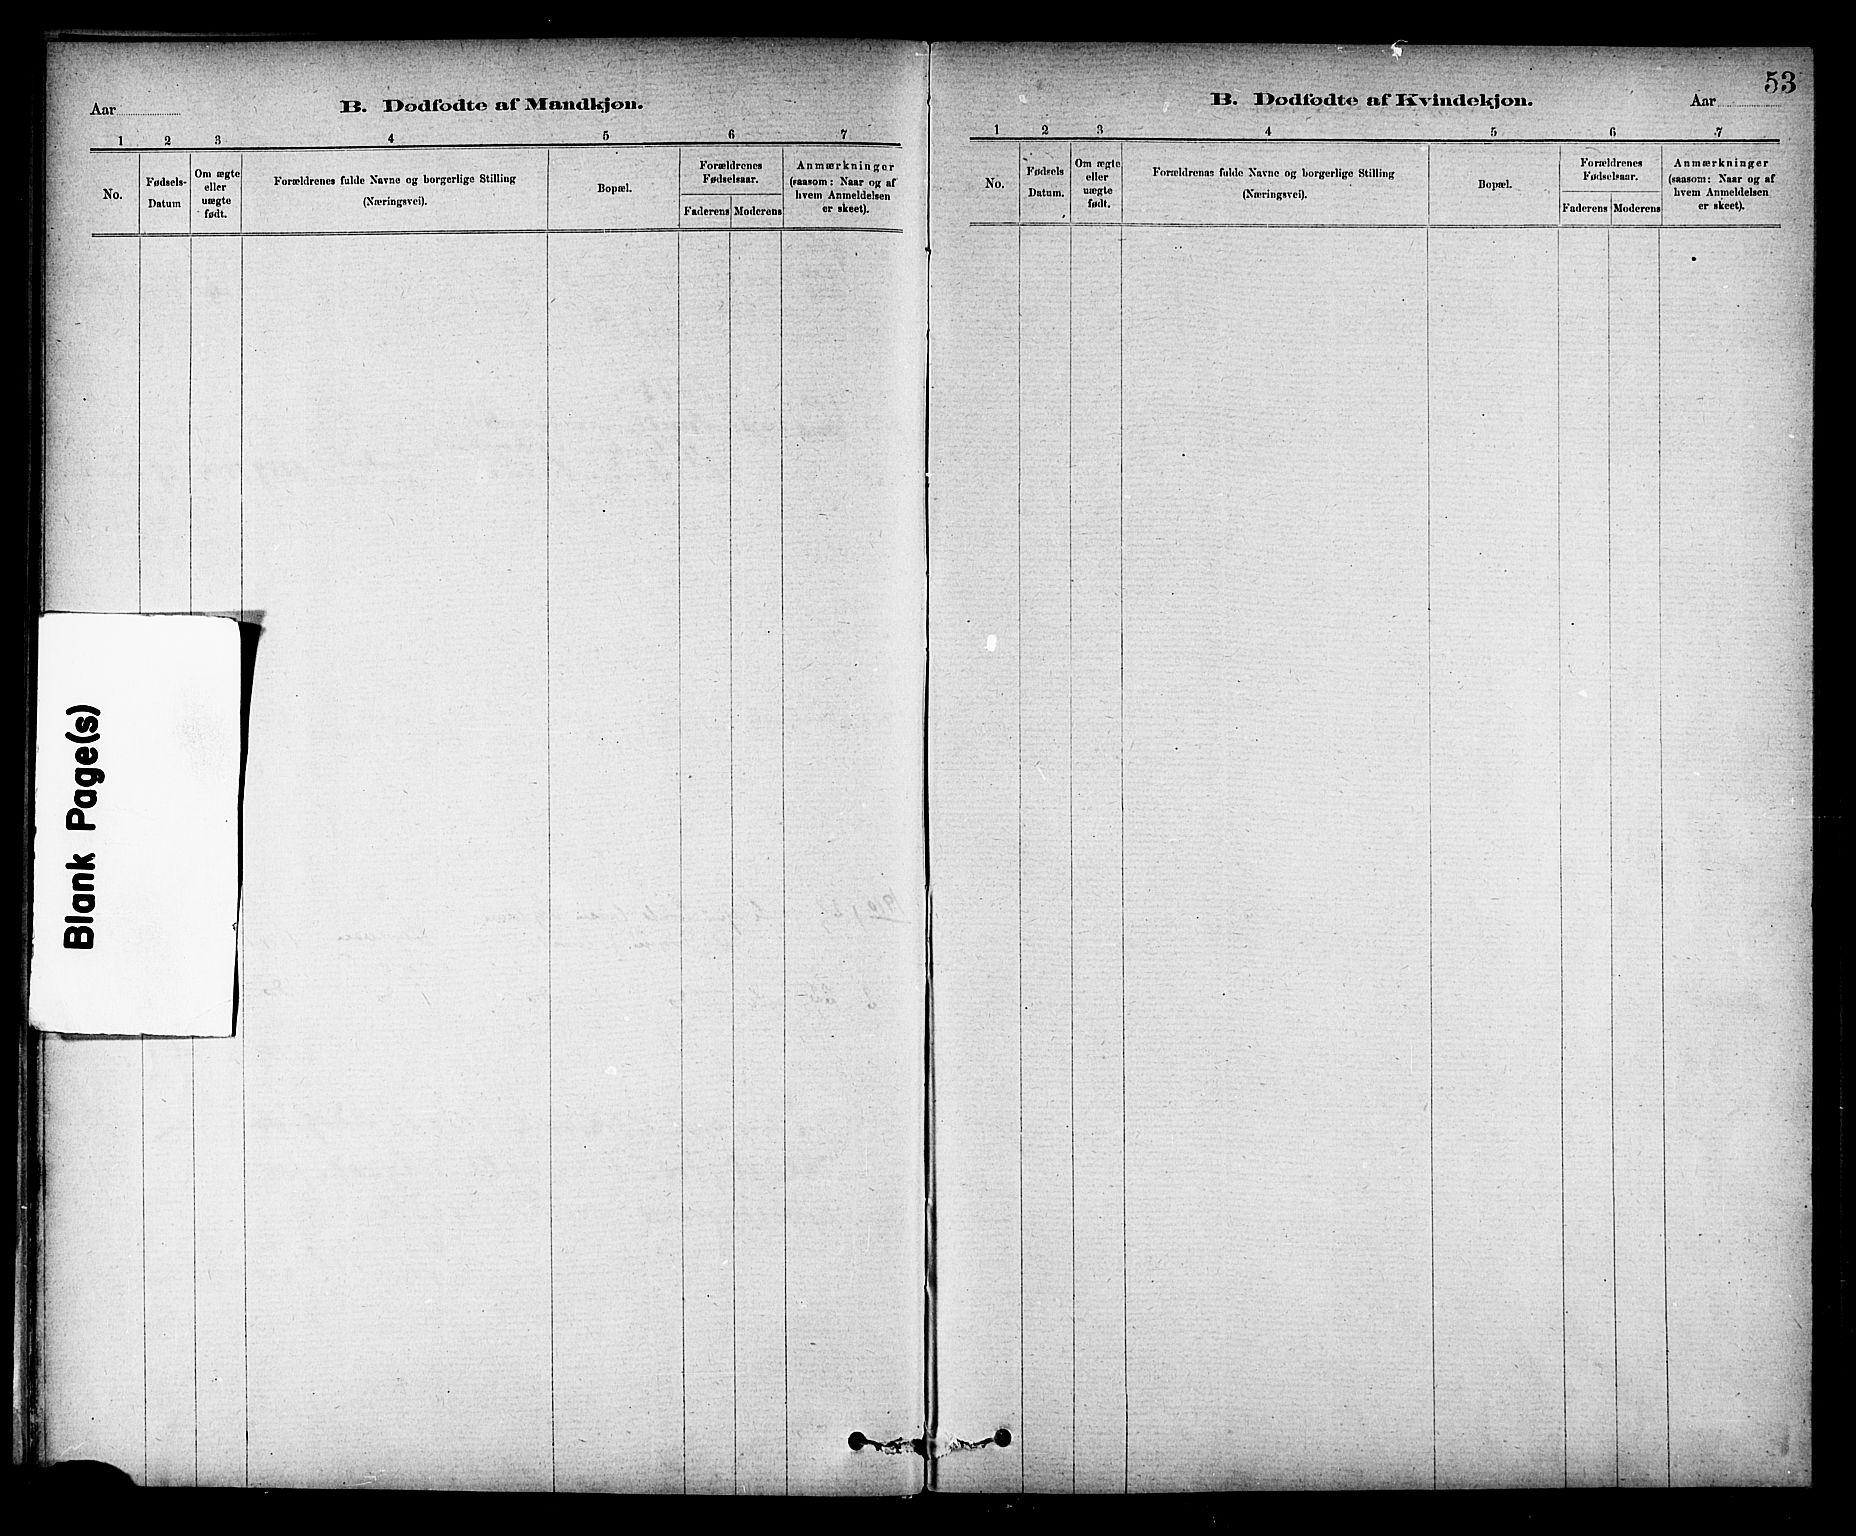 SAT, Ministerialprotokoller, klokkerbøker og fødselsregistre - Nord-Trøndelag, 732/L0318: Klokkerbok nr. 732C02, 1881-1911, s. 53